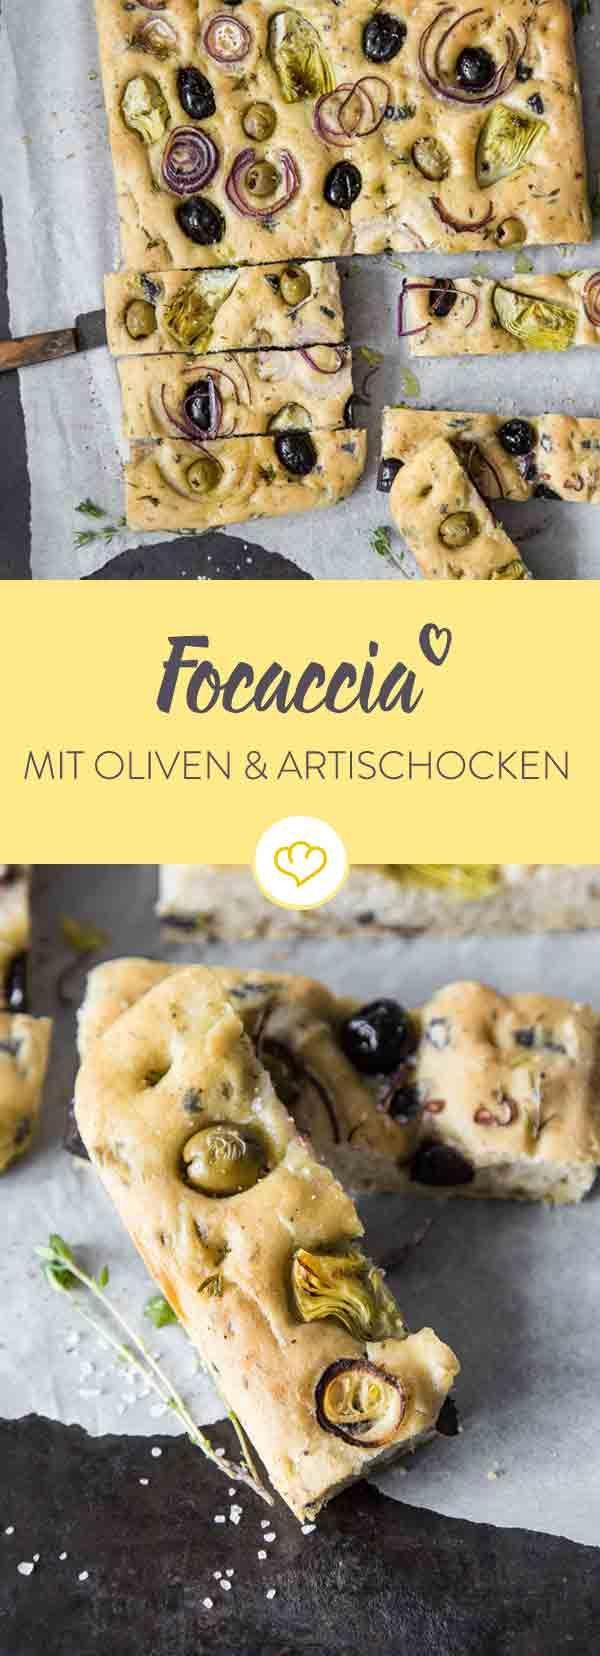 Eine unverschämt leckere und zudem auch wunderschöne Kalorienbombe mit den besten mediterranen Zutaten: Oliven, Olivenöl, Thymian und Artischocken.